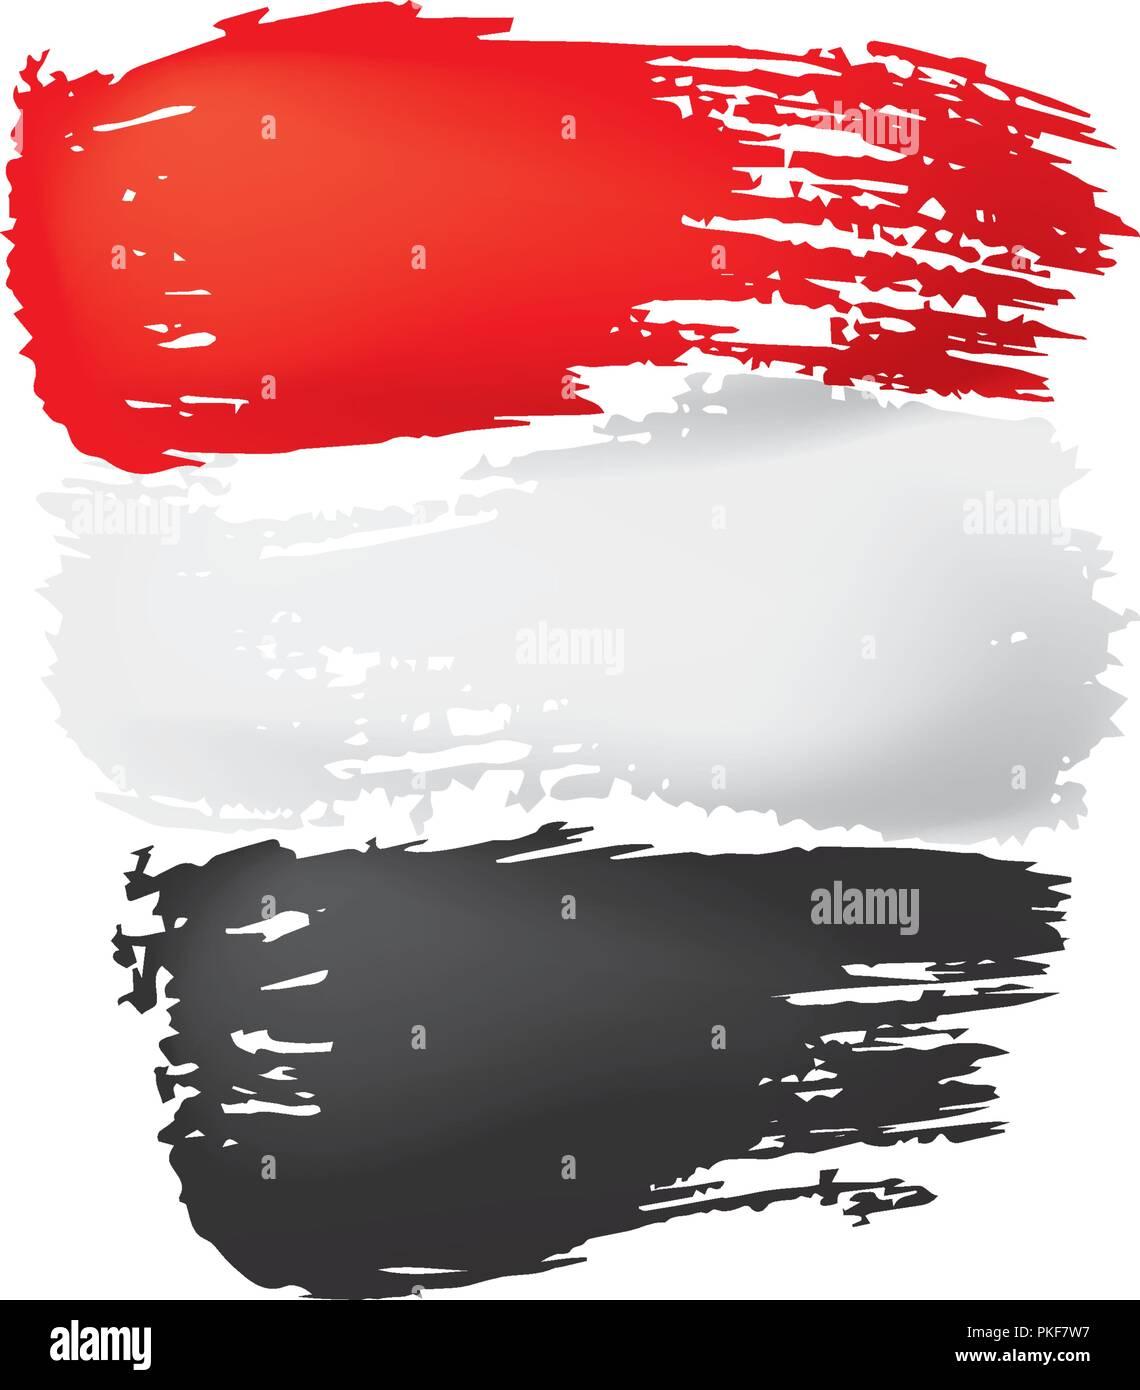 Yemeni flag, vector illustration on a white background - Stock Image